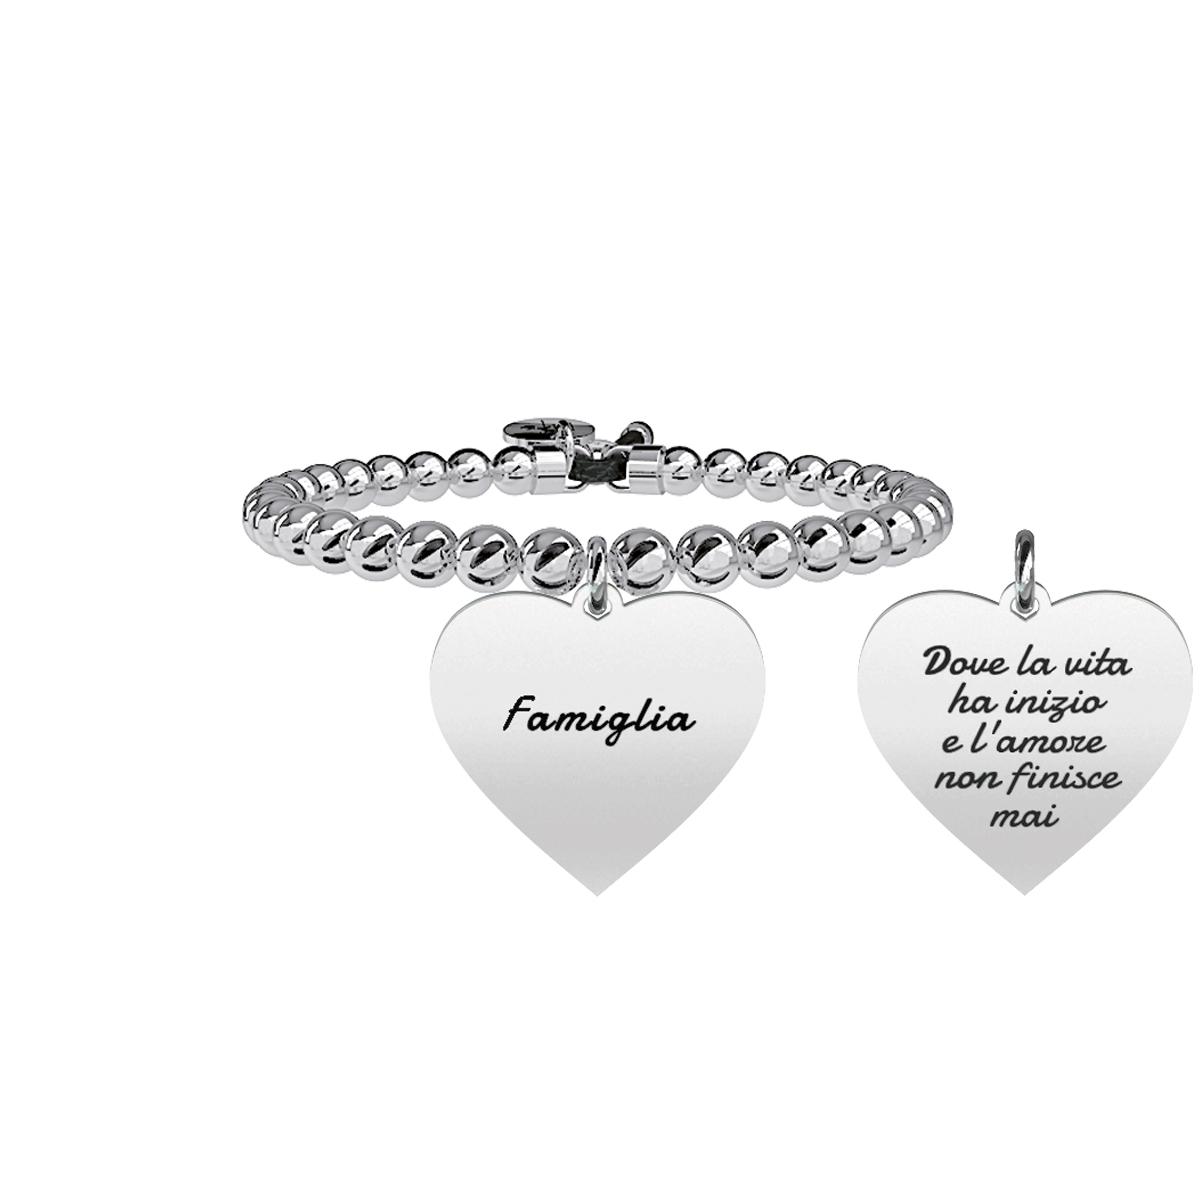 Bracciale Donna Family CUORE | FAMIGLIA